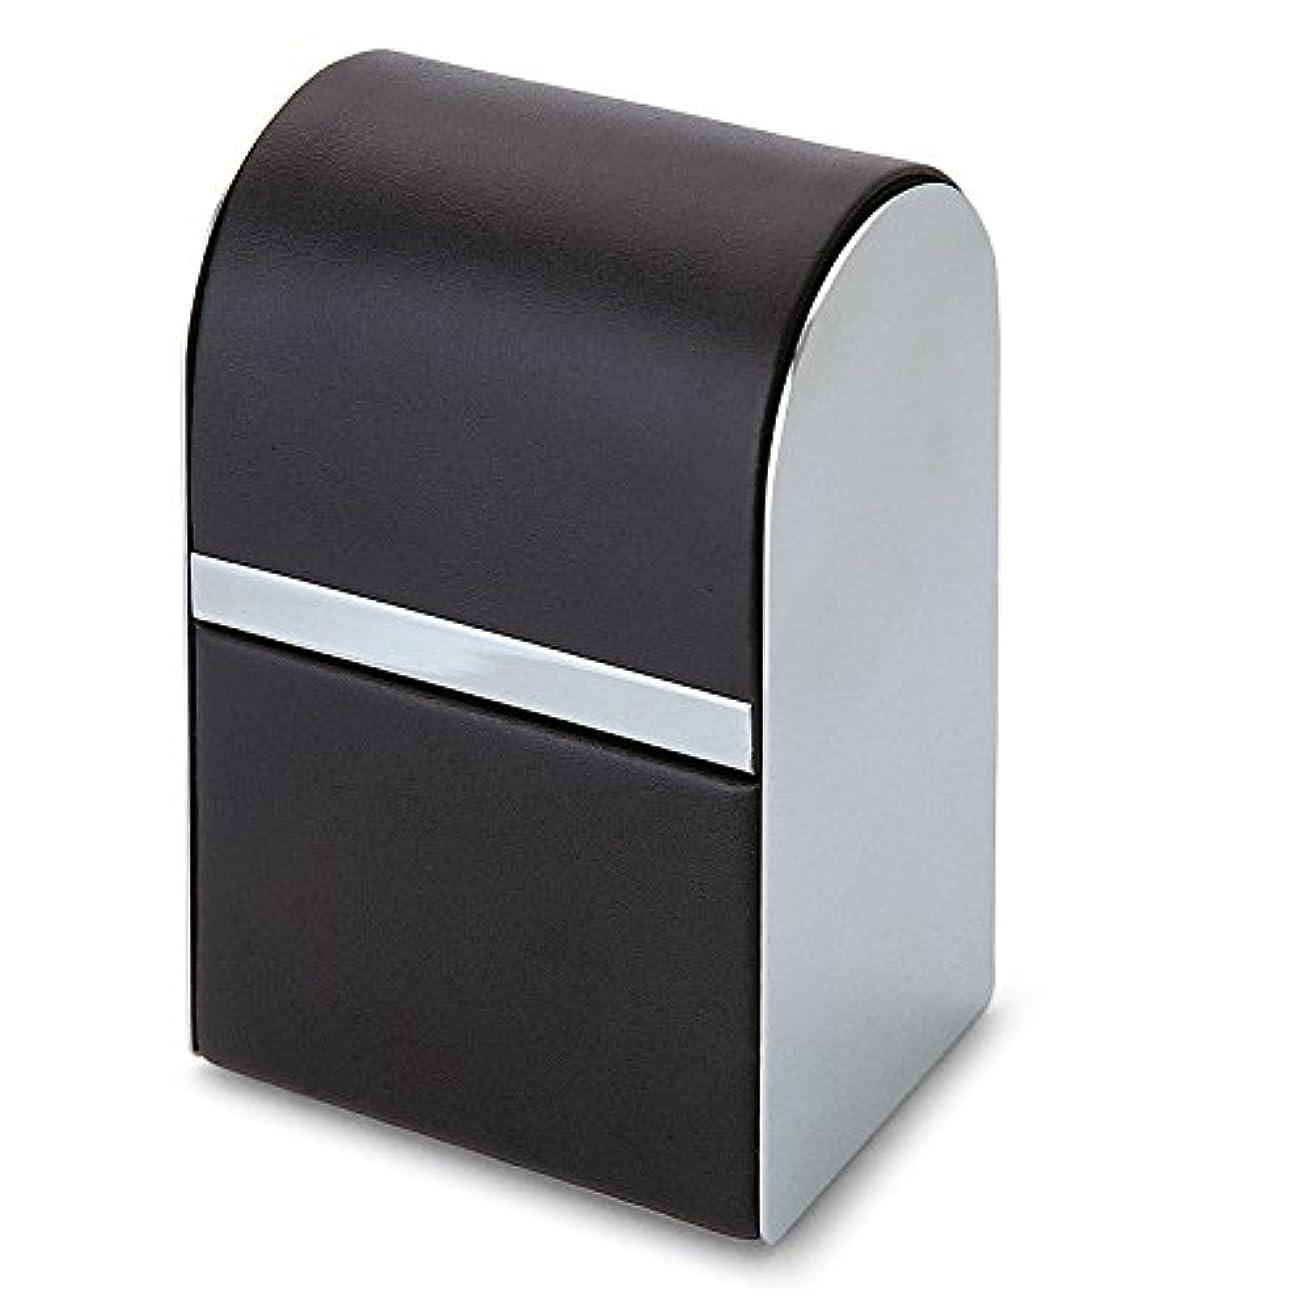 架空の絶望的な伝染性のPhilippi Giorgio メンズ身だしなみキット 7pcsセット leather stainless polished